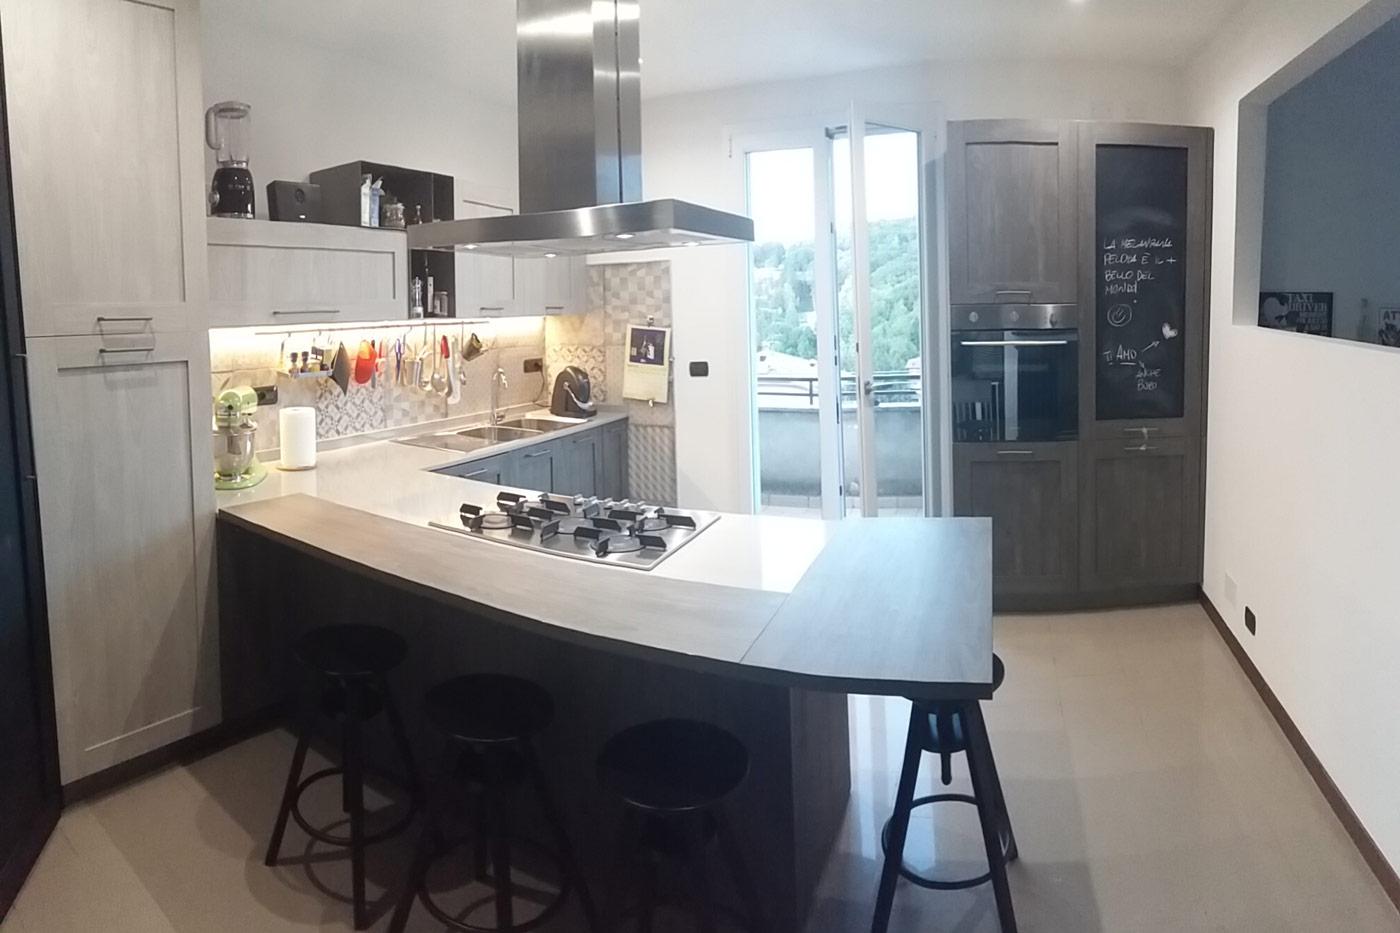 Cucina valerio frignano design - Cucine con cappa centrale ...